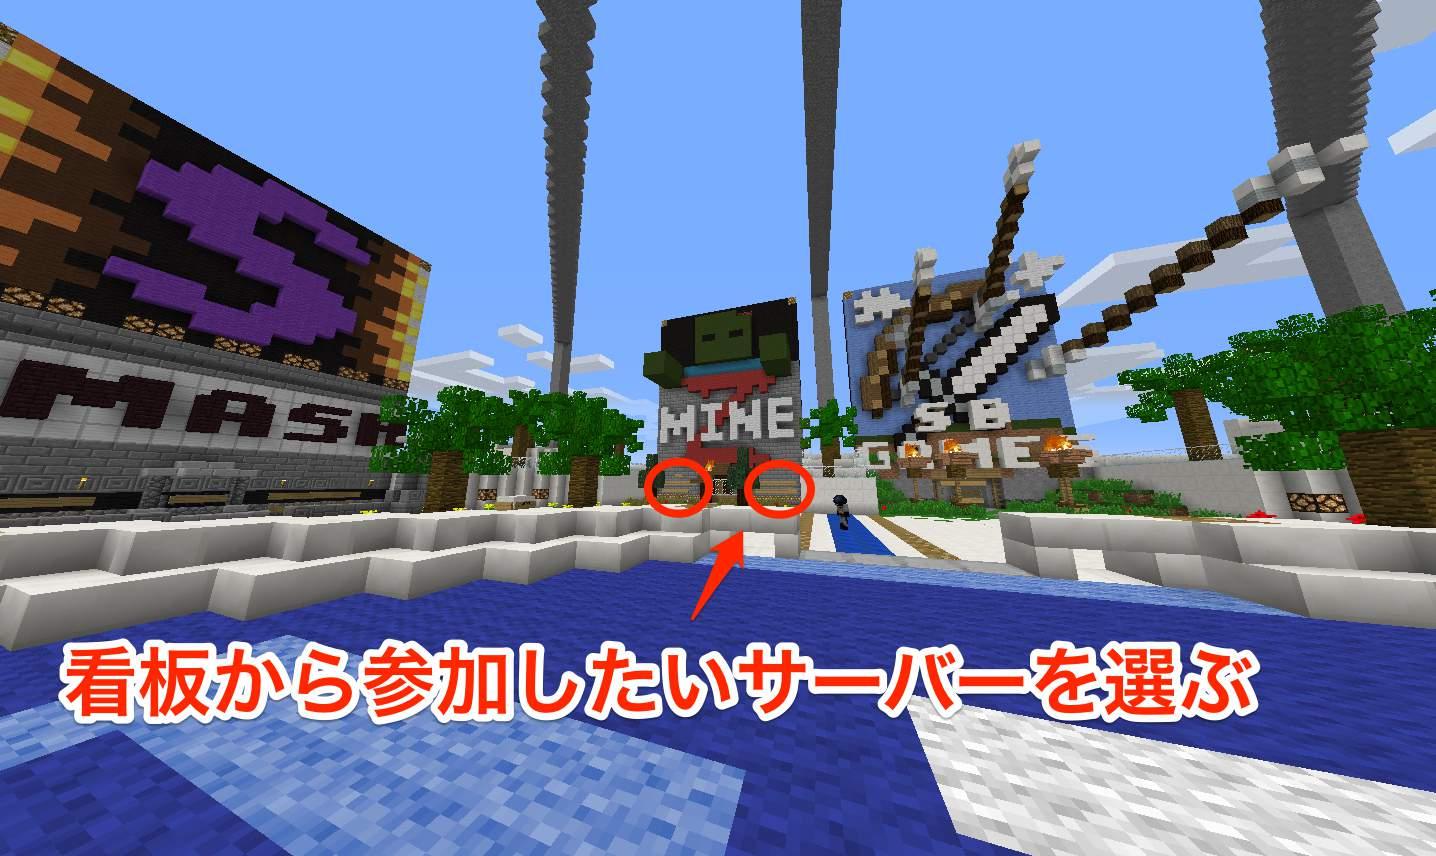 minez-minecraft-dayz-015